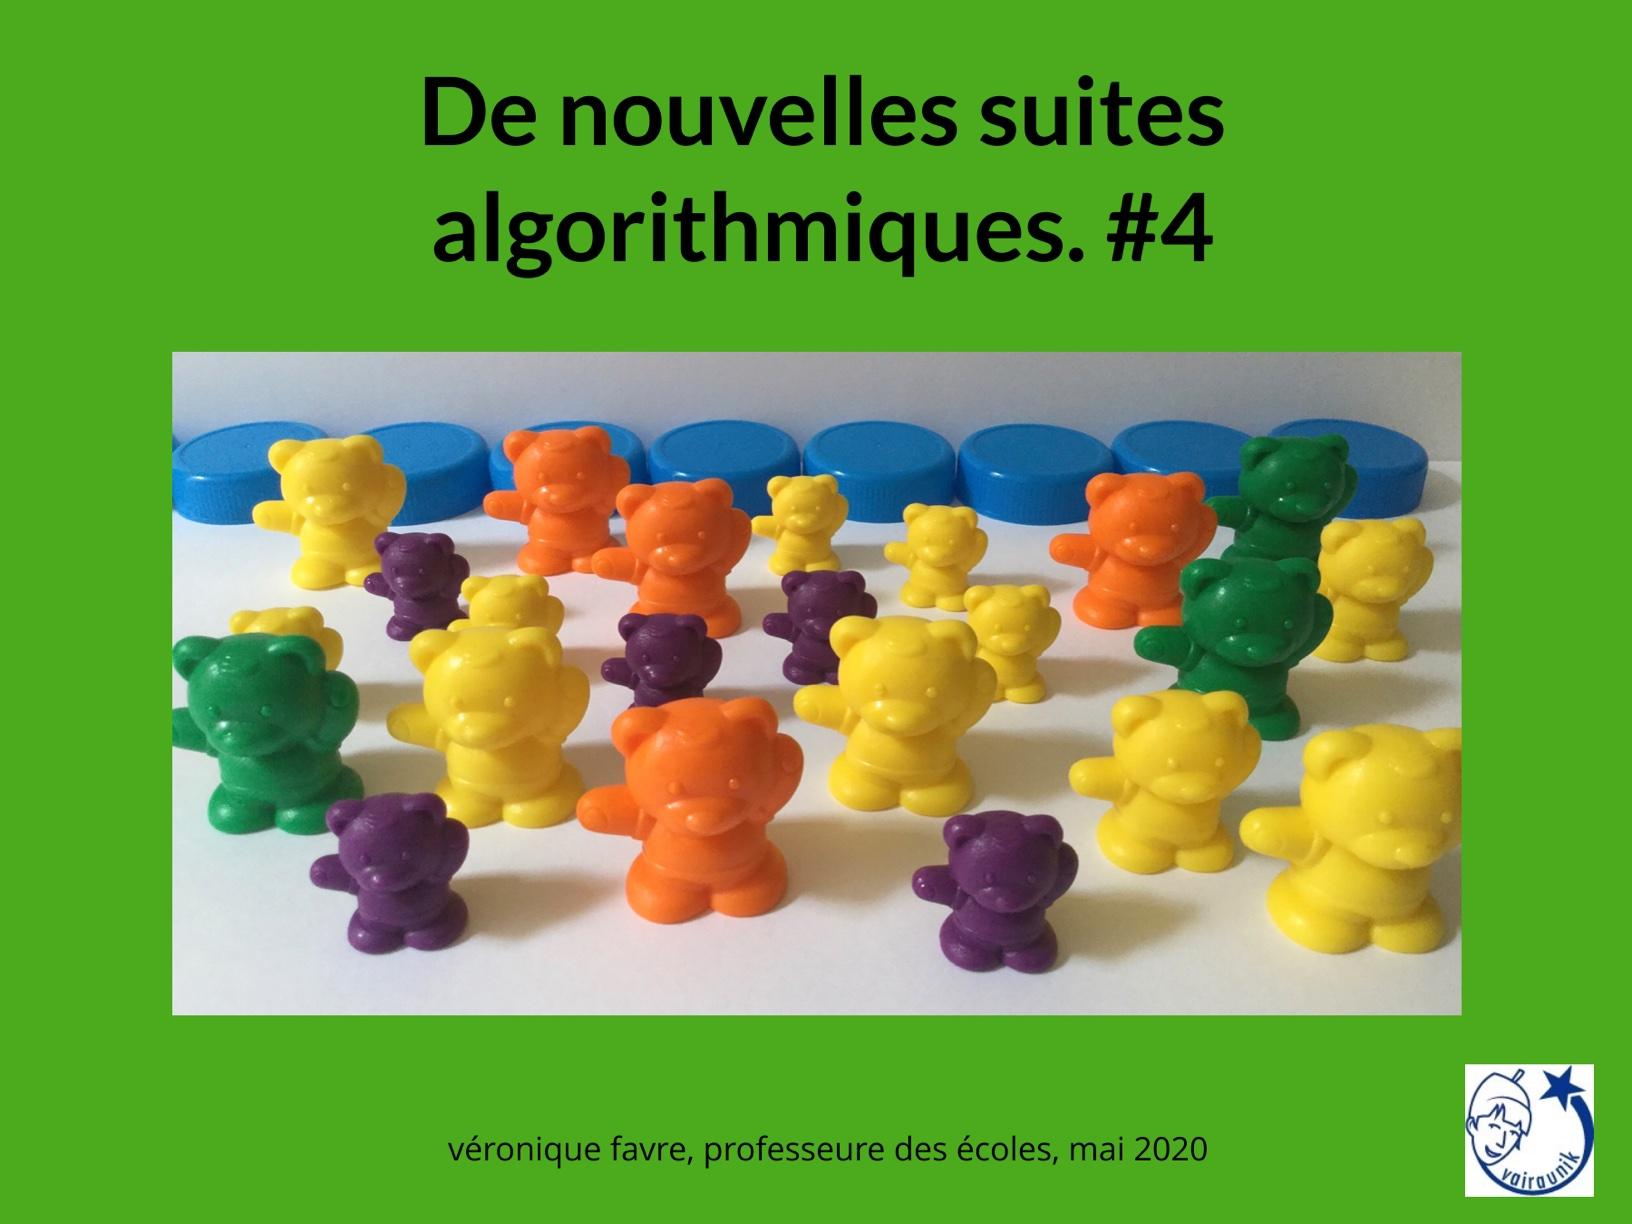 Suites algorithmiques #4